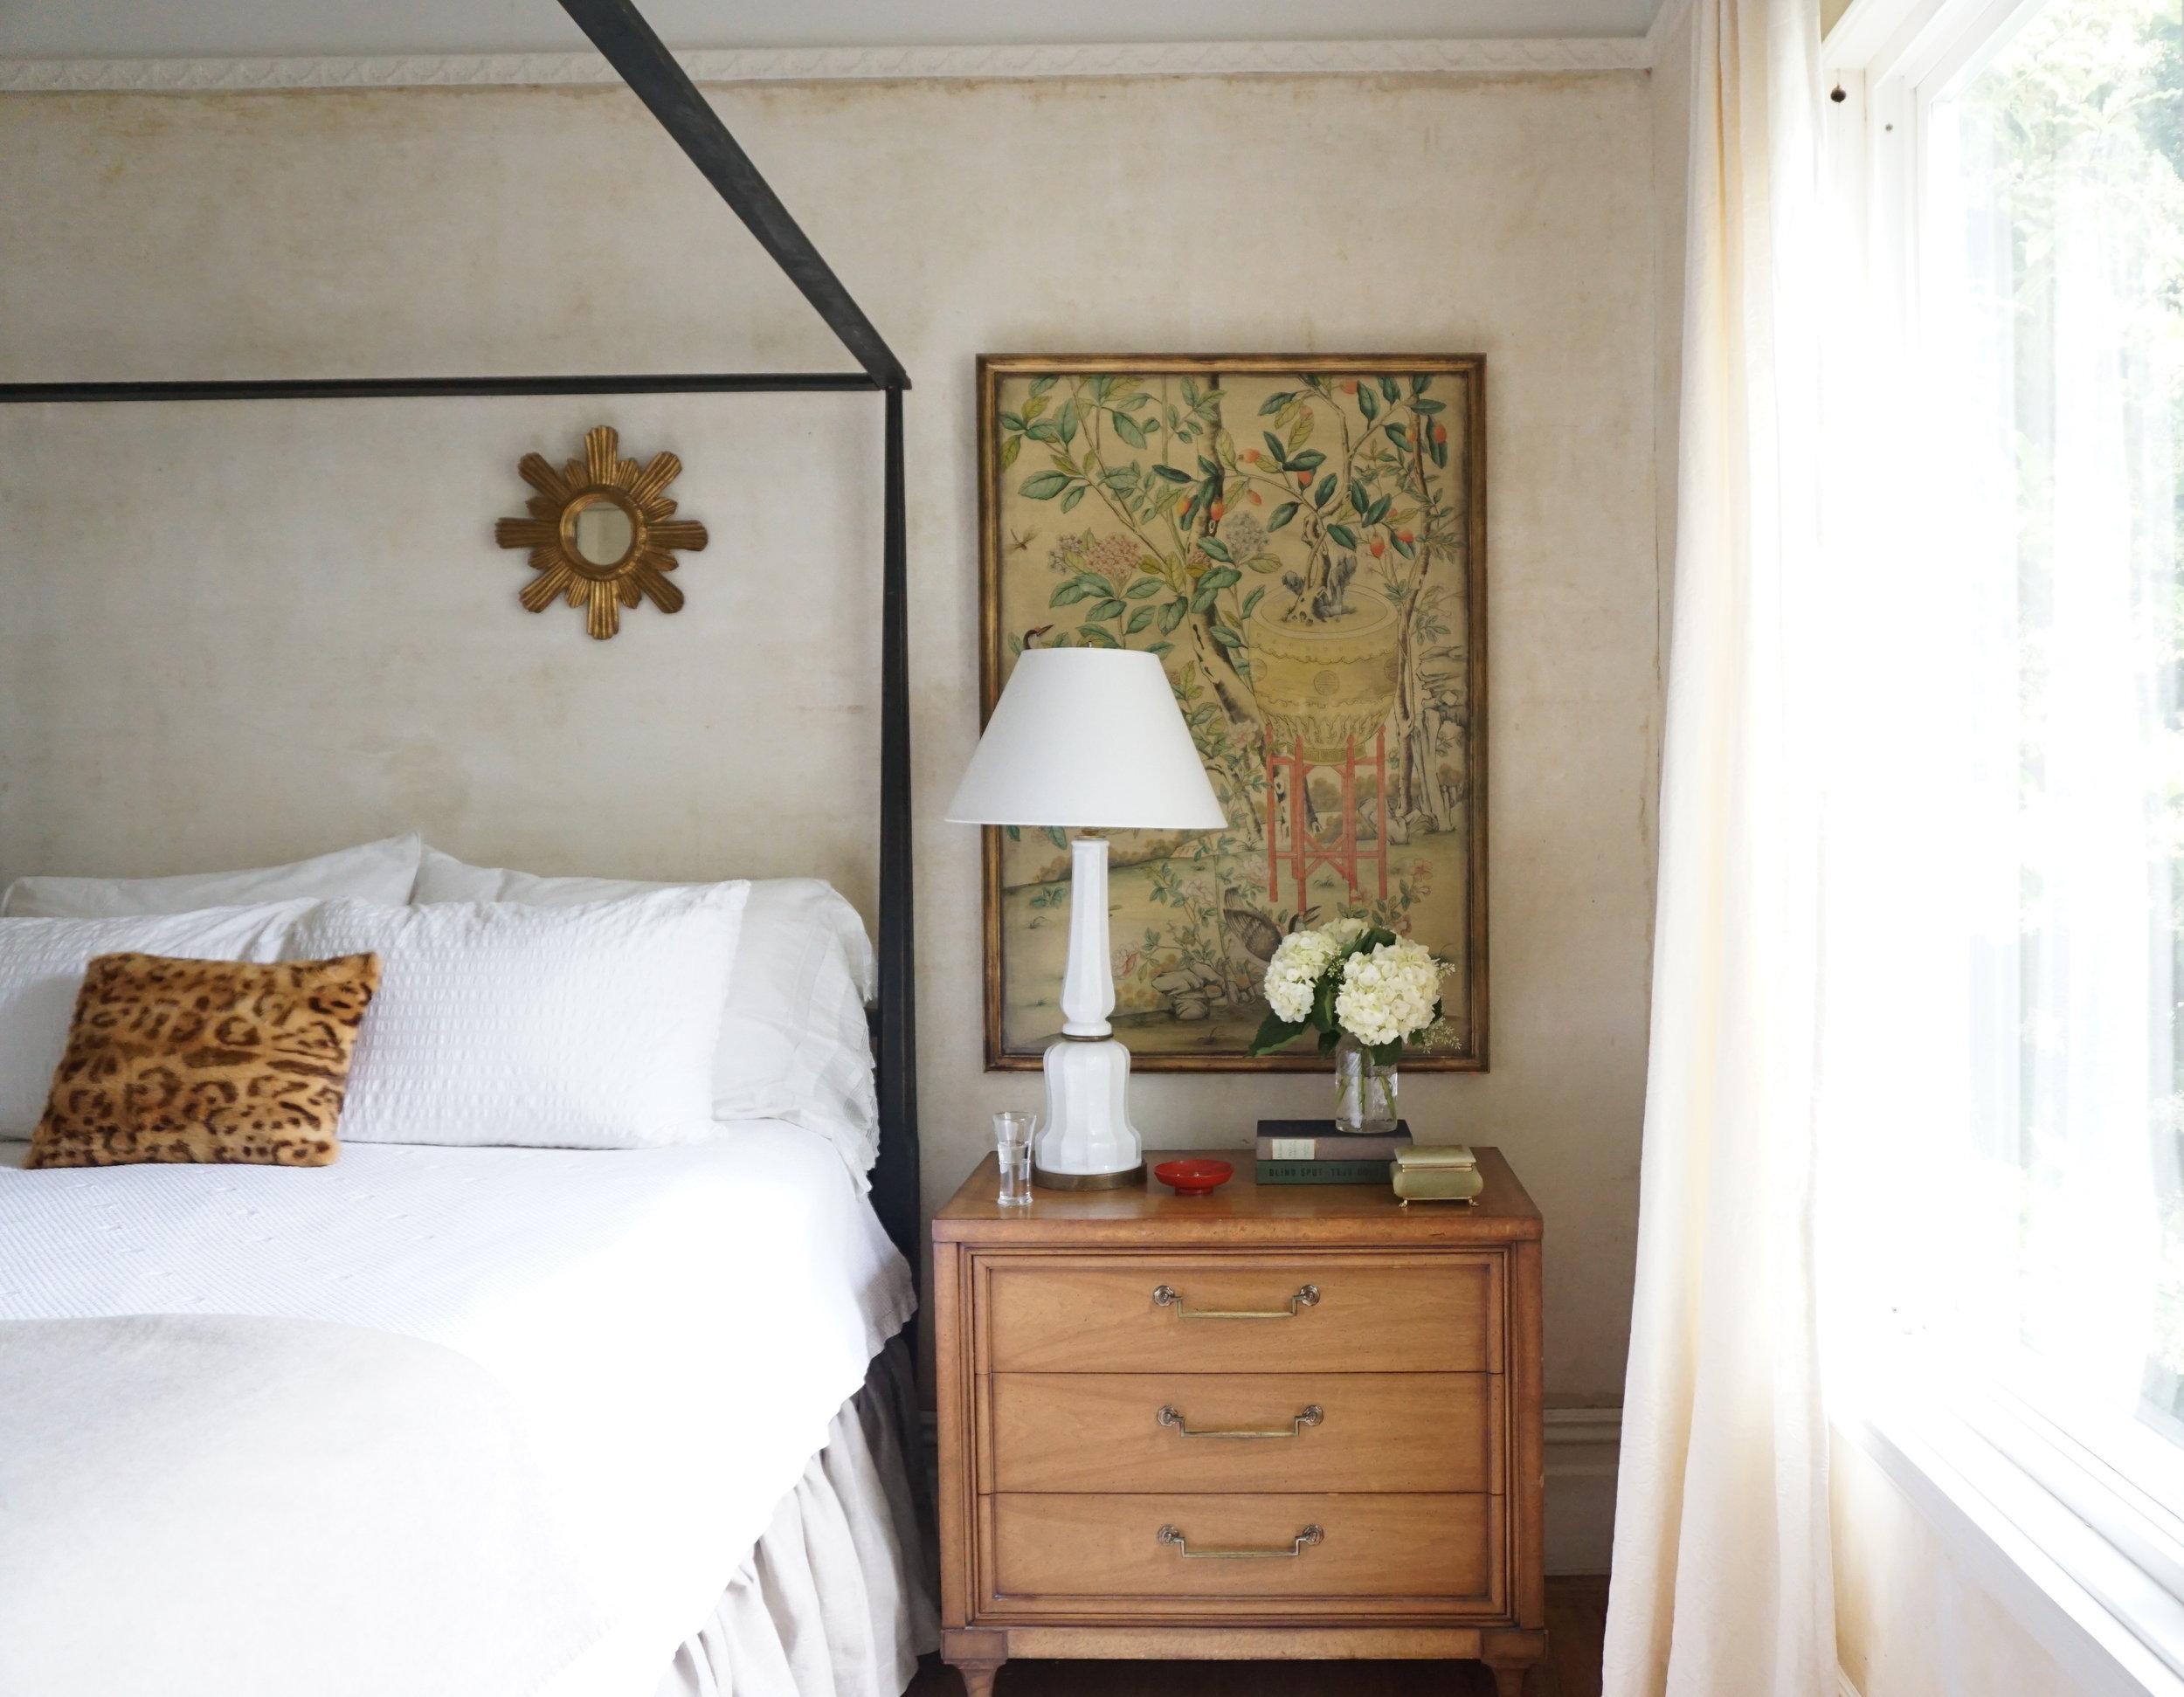 Studio AKJ Bedroom 1